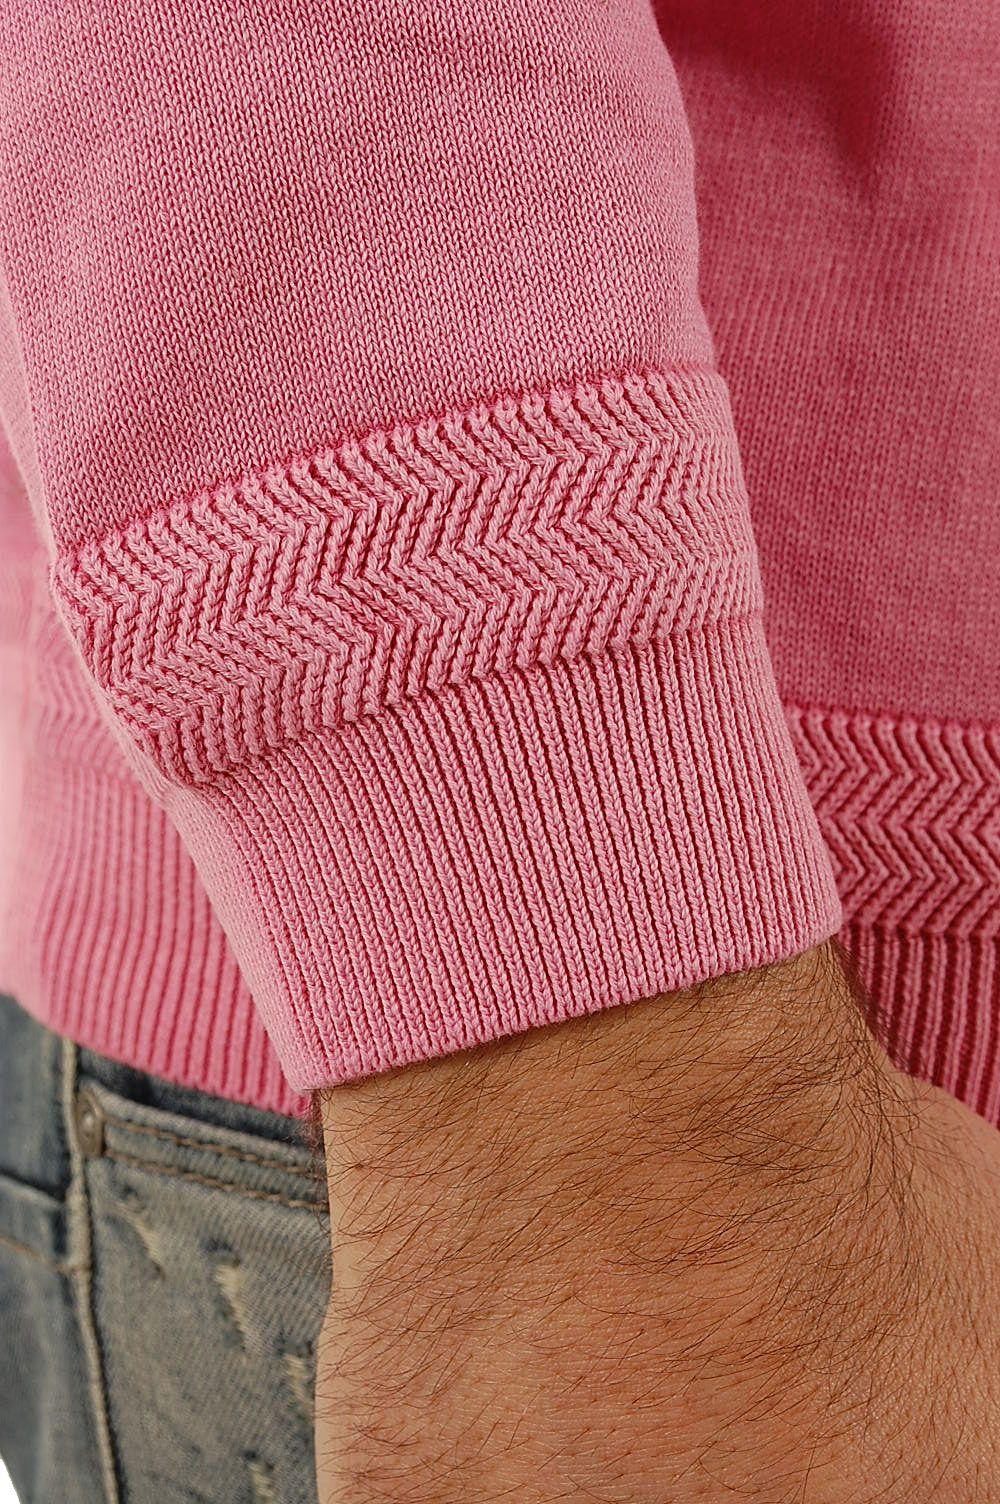 herren pullover nza new zealand auckland herren pullover 16an414 m rosa herren pullover marken zealand auckland herren pullover